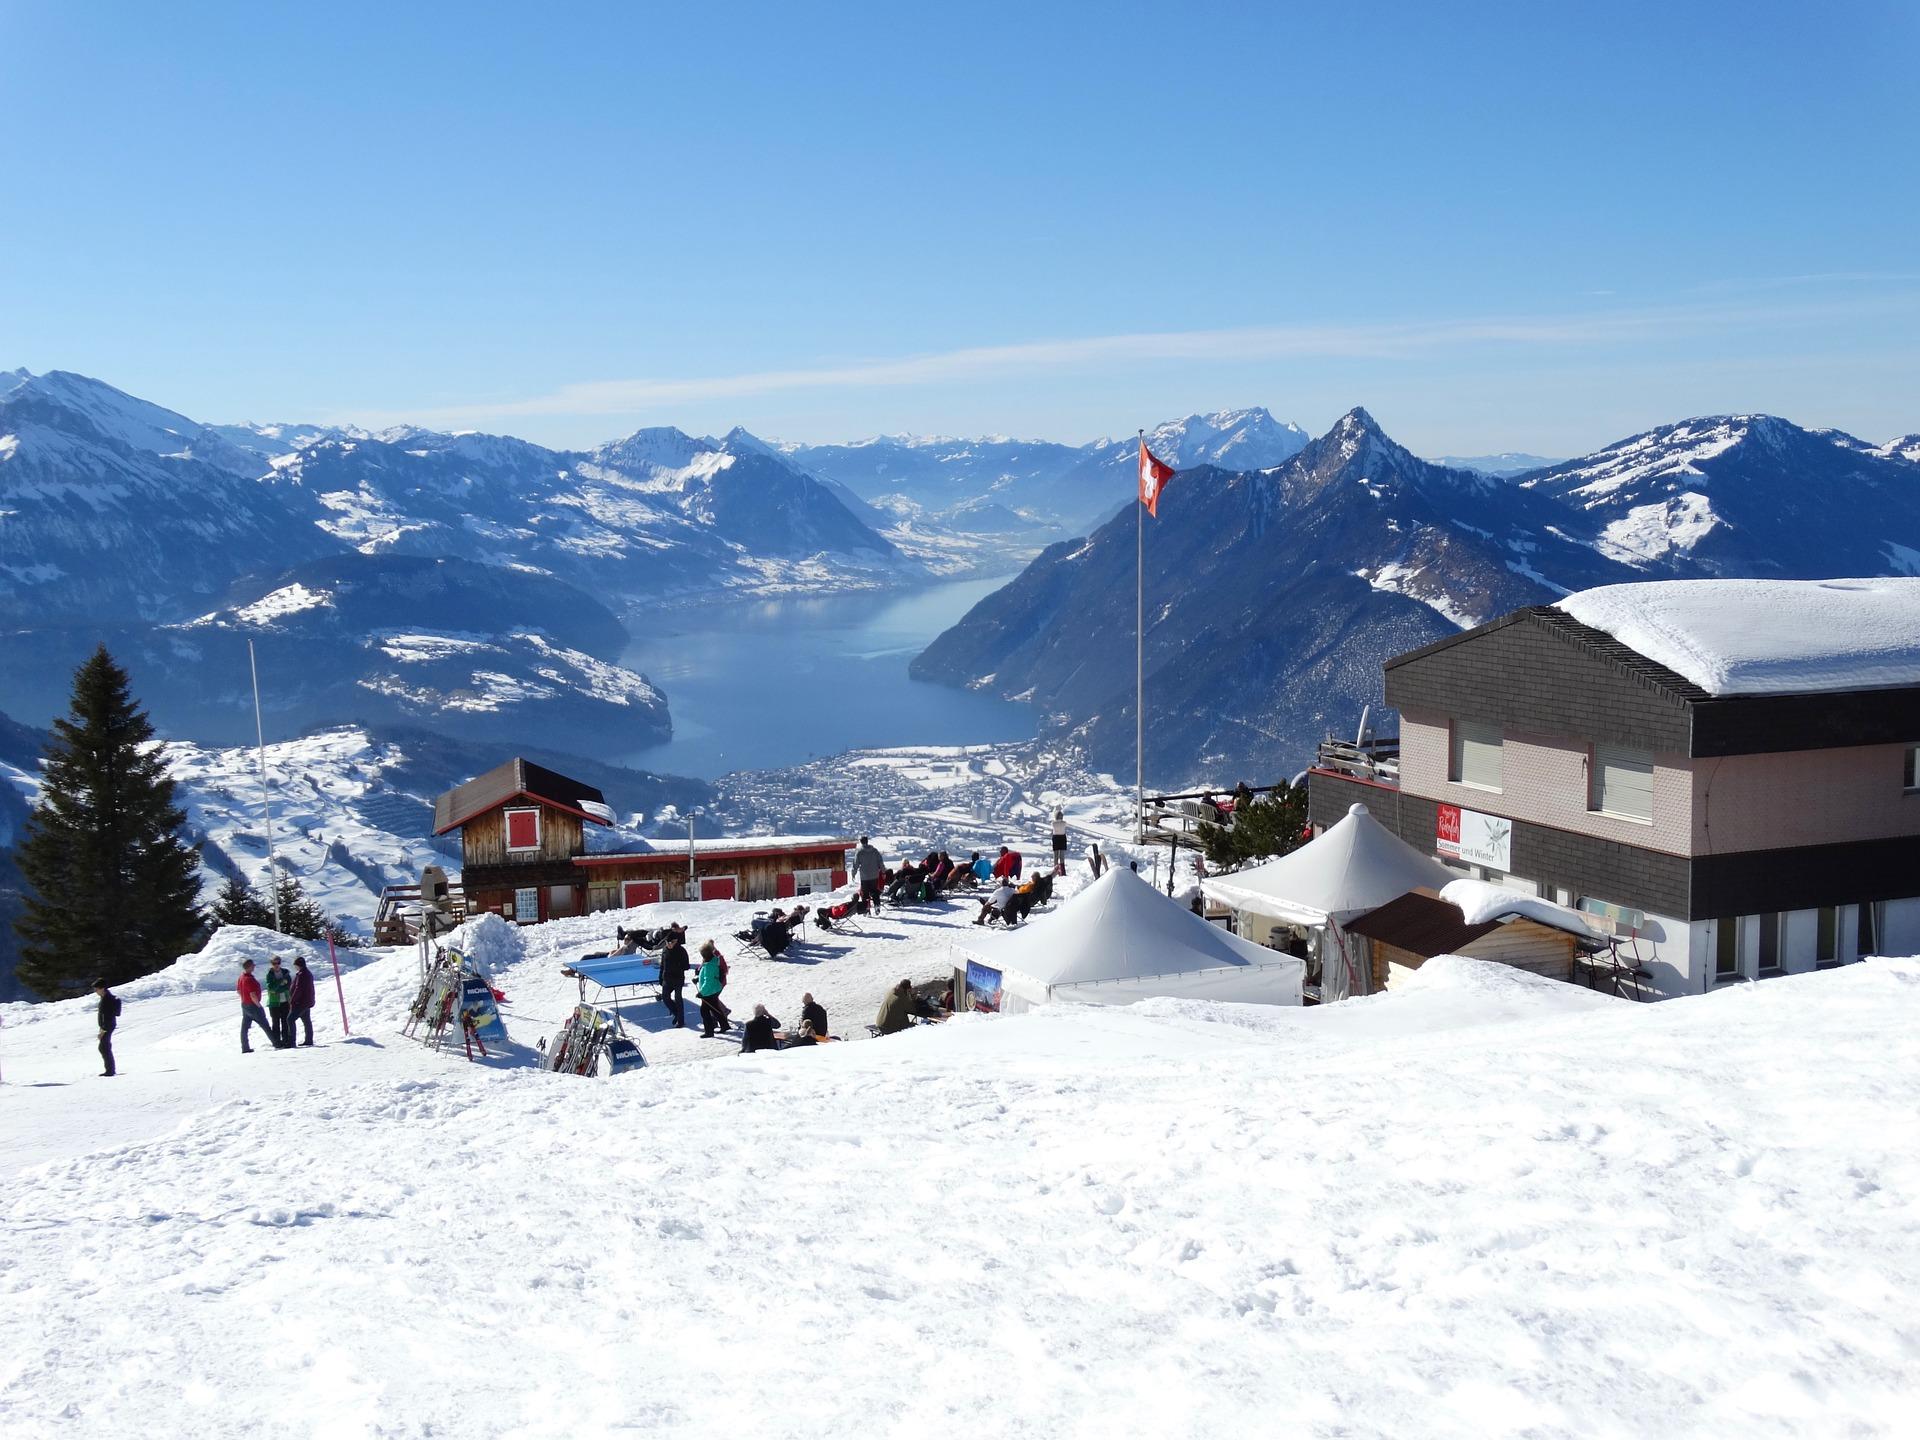 スキー場宿泊施設